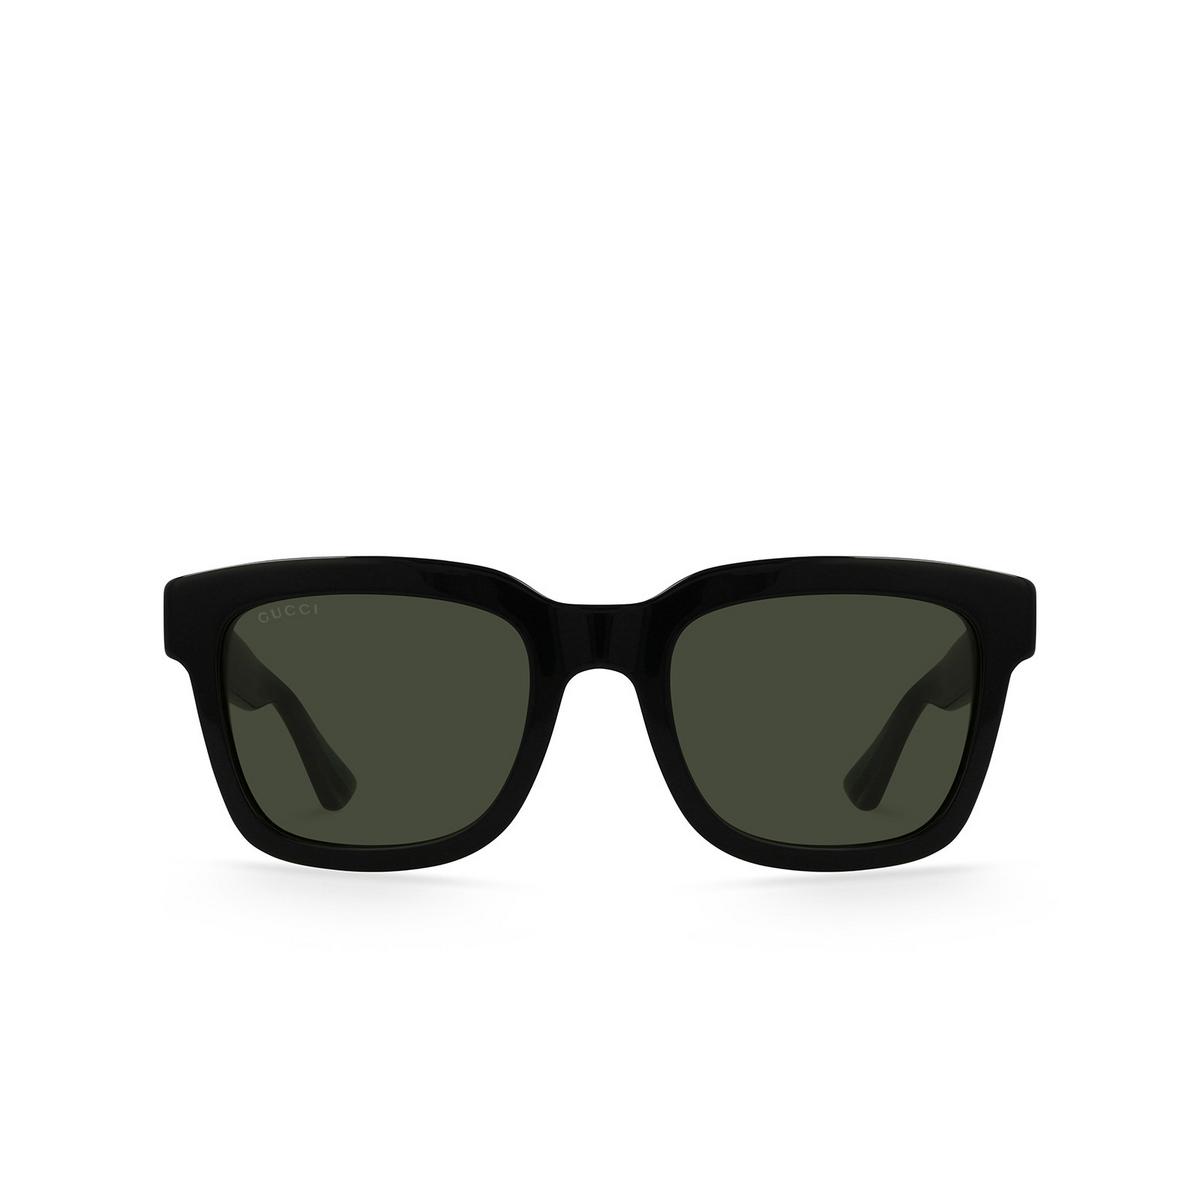 Gucci® Square Sunglasses: GG0001S color Black 001 - 1/3.